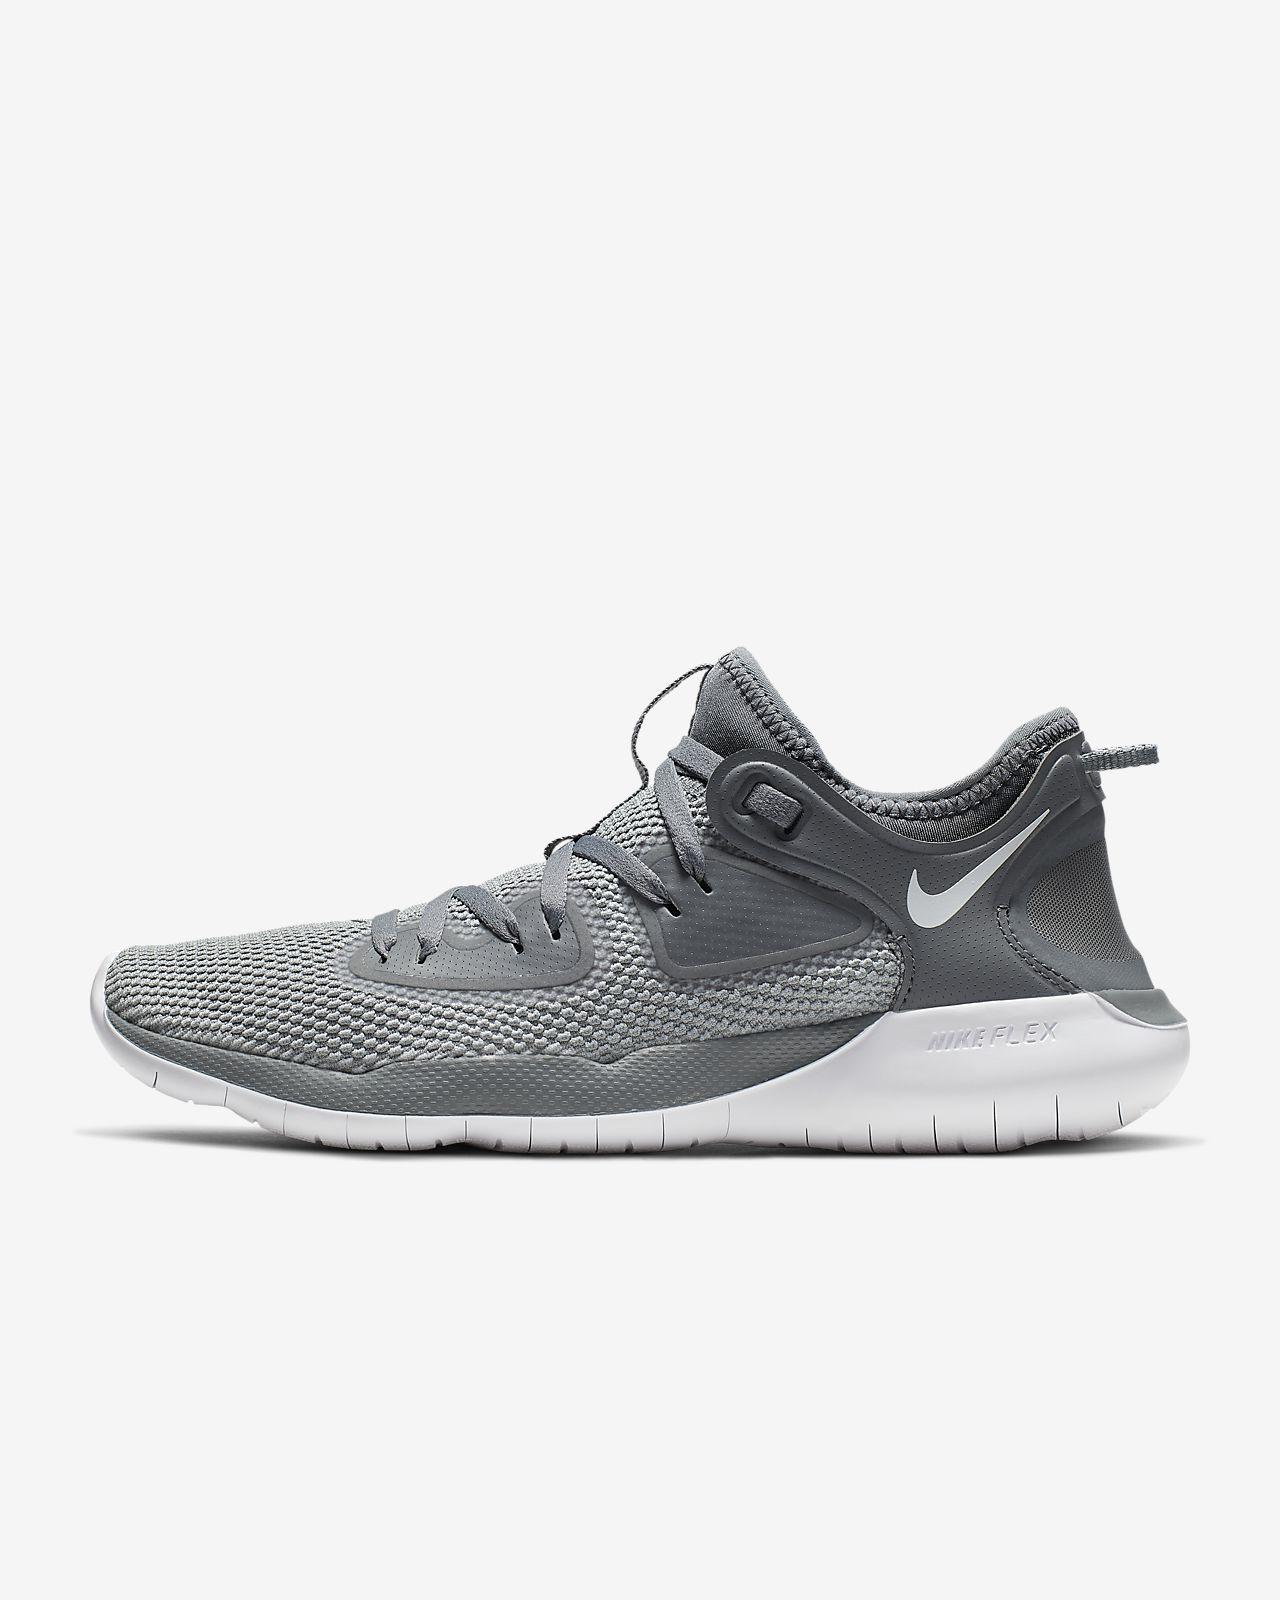 84c9593438f5 Nike Flex RN 2019 Women s Running Shoe. Nike.com